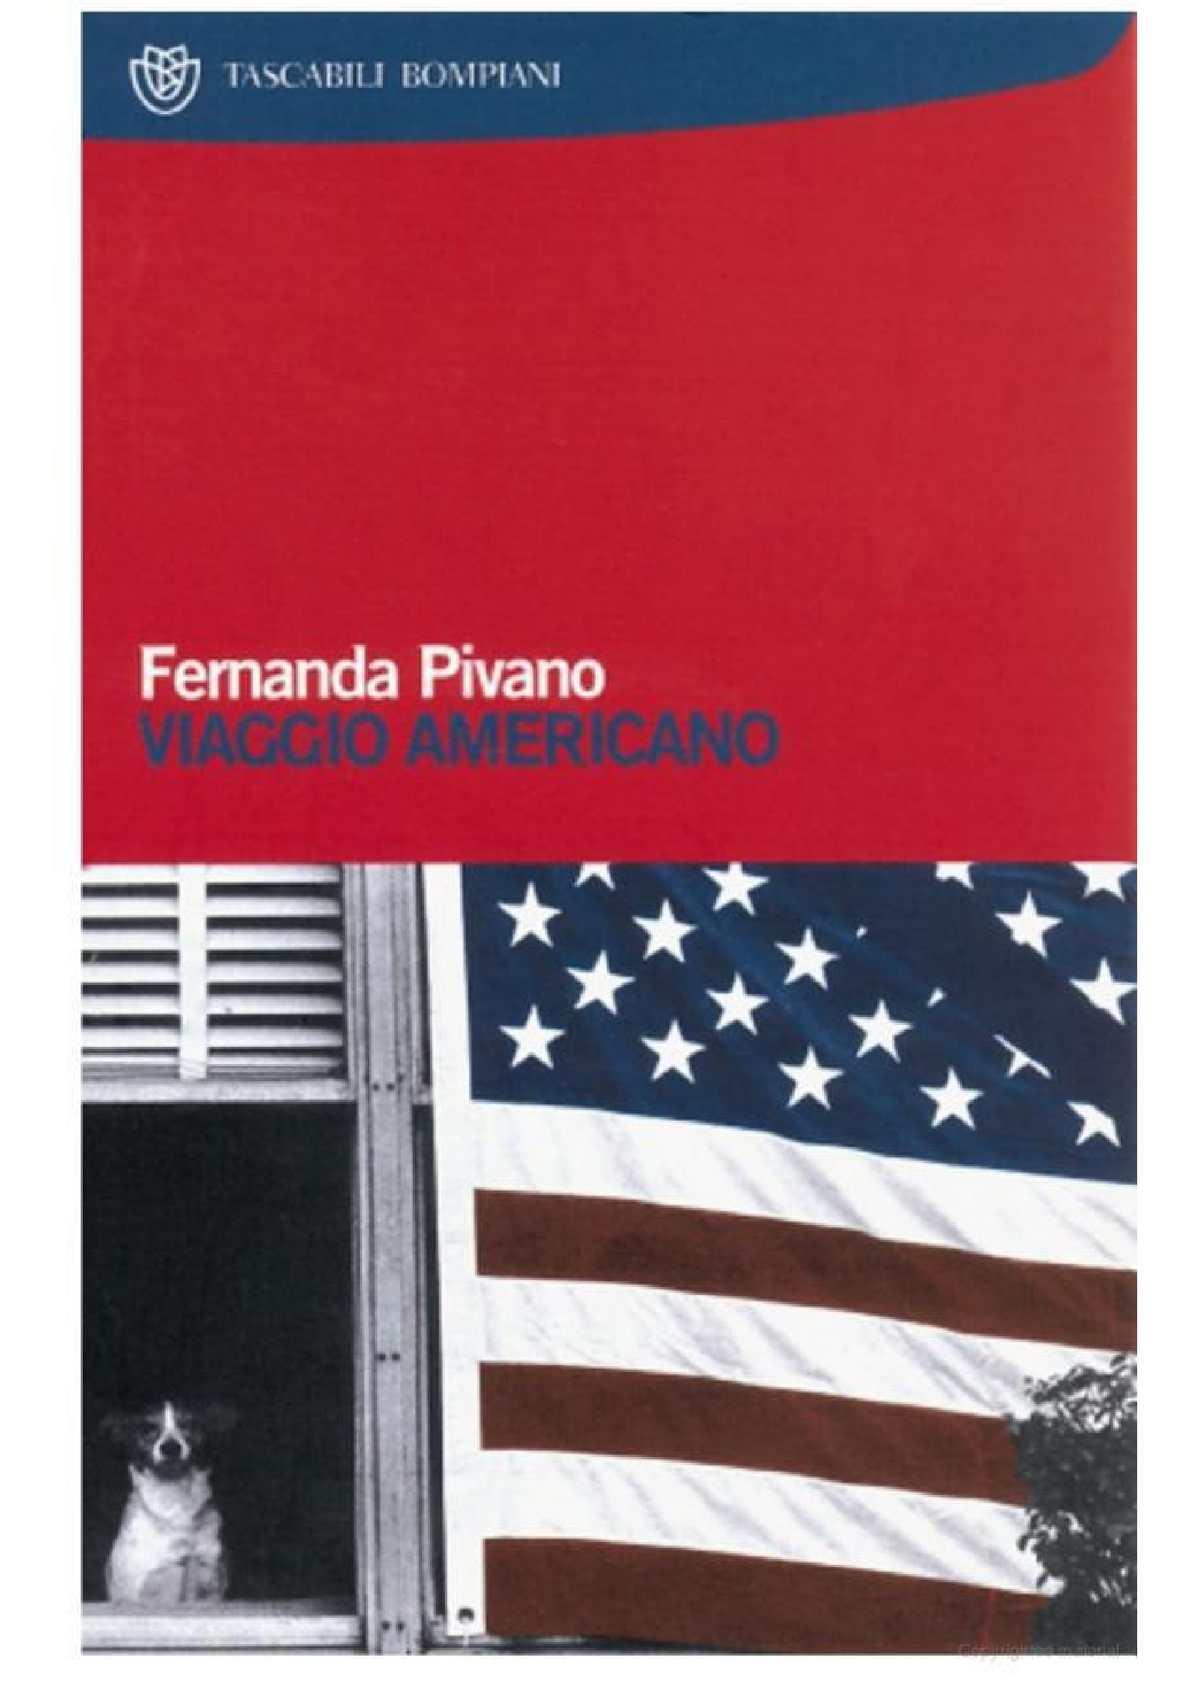 Calaméo - Fernanda Pivano Viaggio Americano 173b3b72da2b